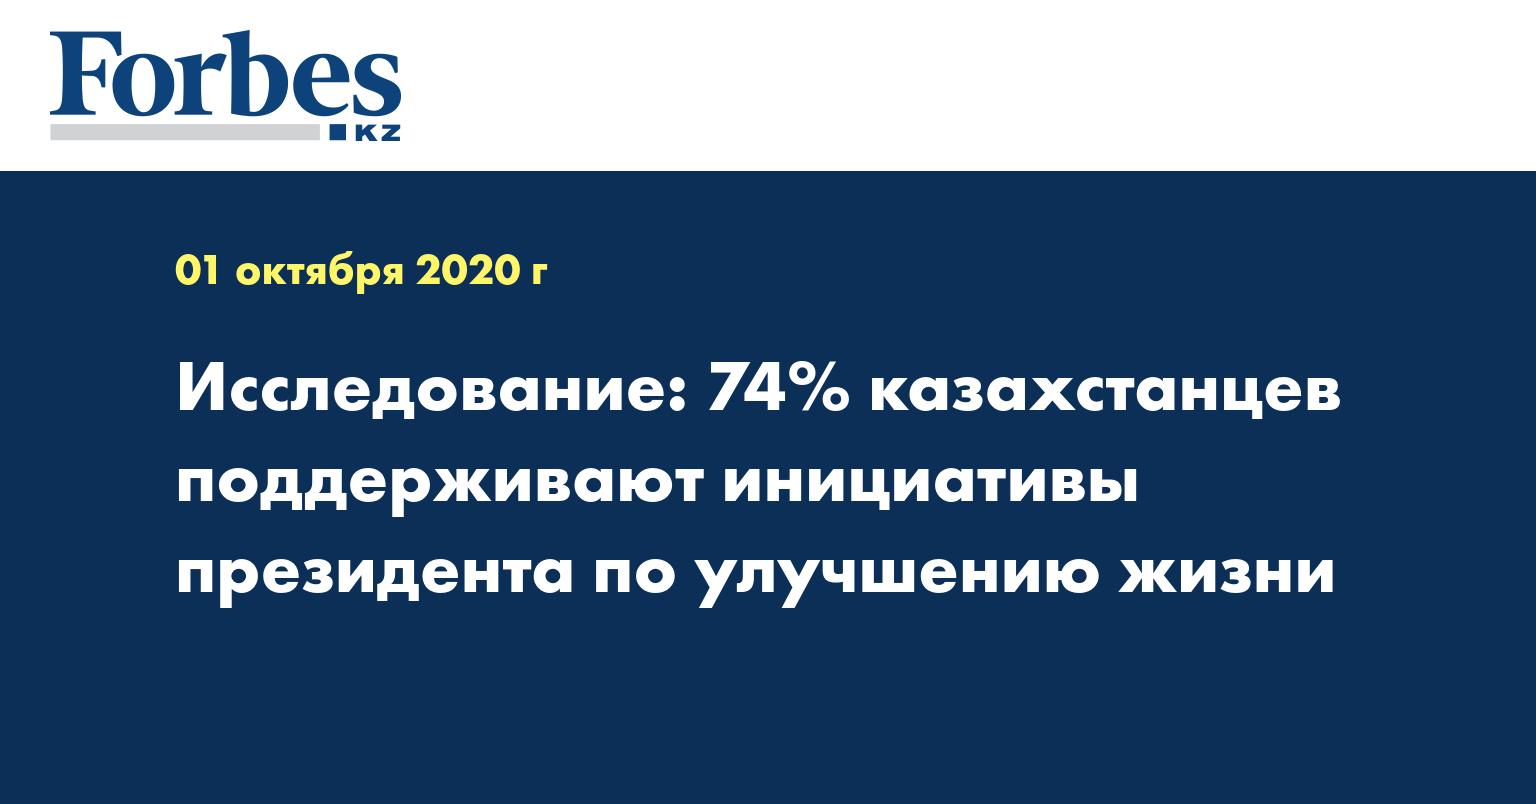 Исследование: 74% казахстанцев поддерживают инициативы президента по улучшению жизни